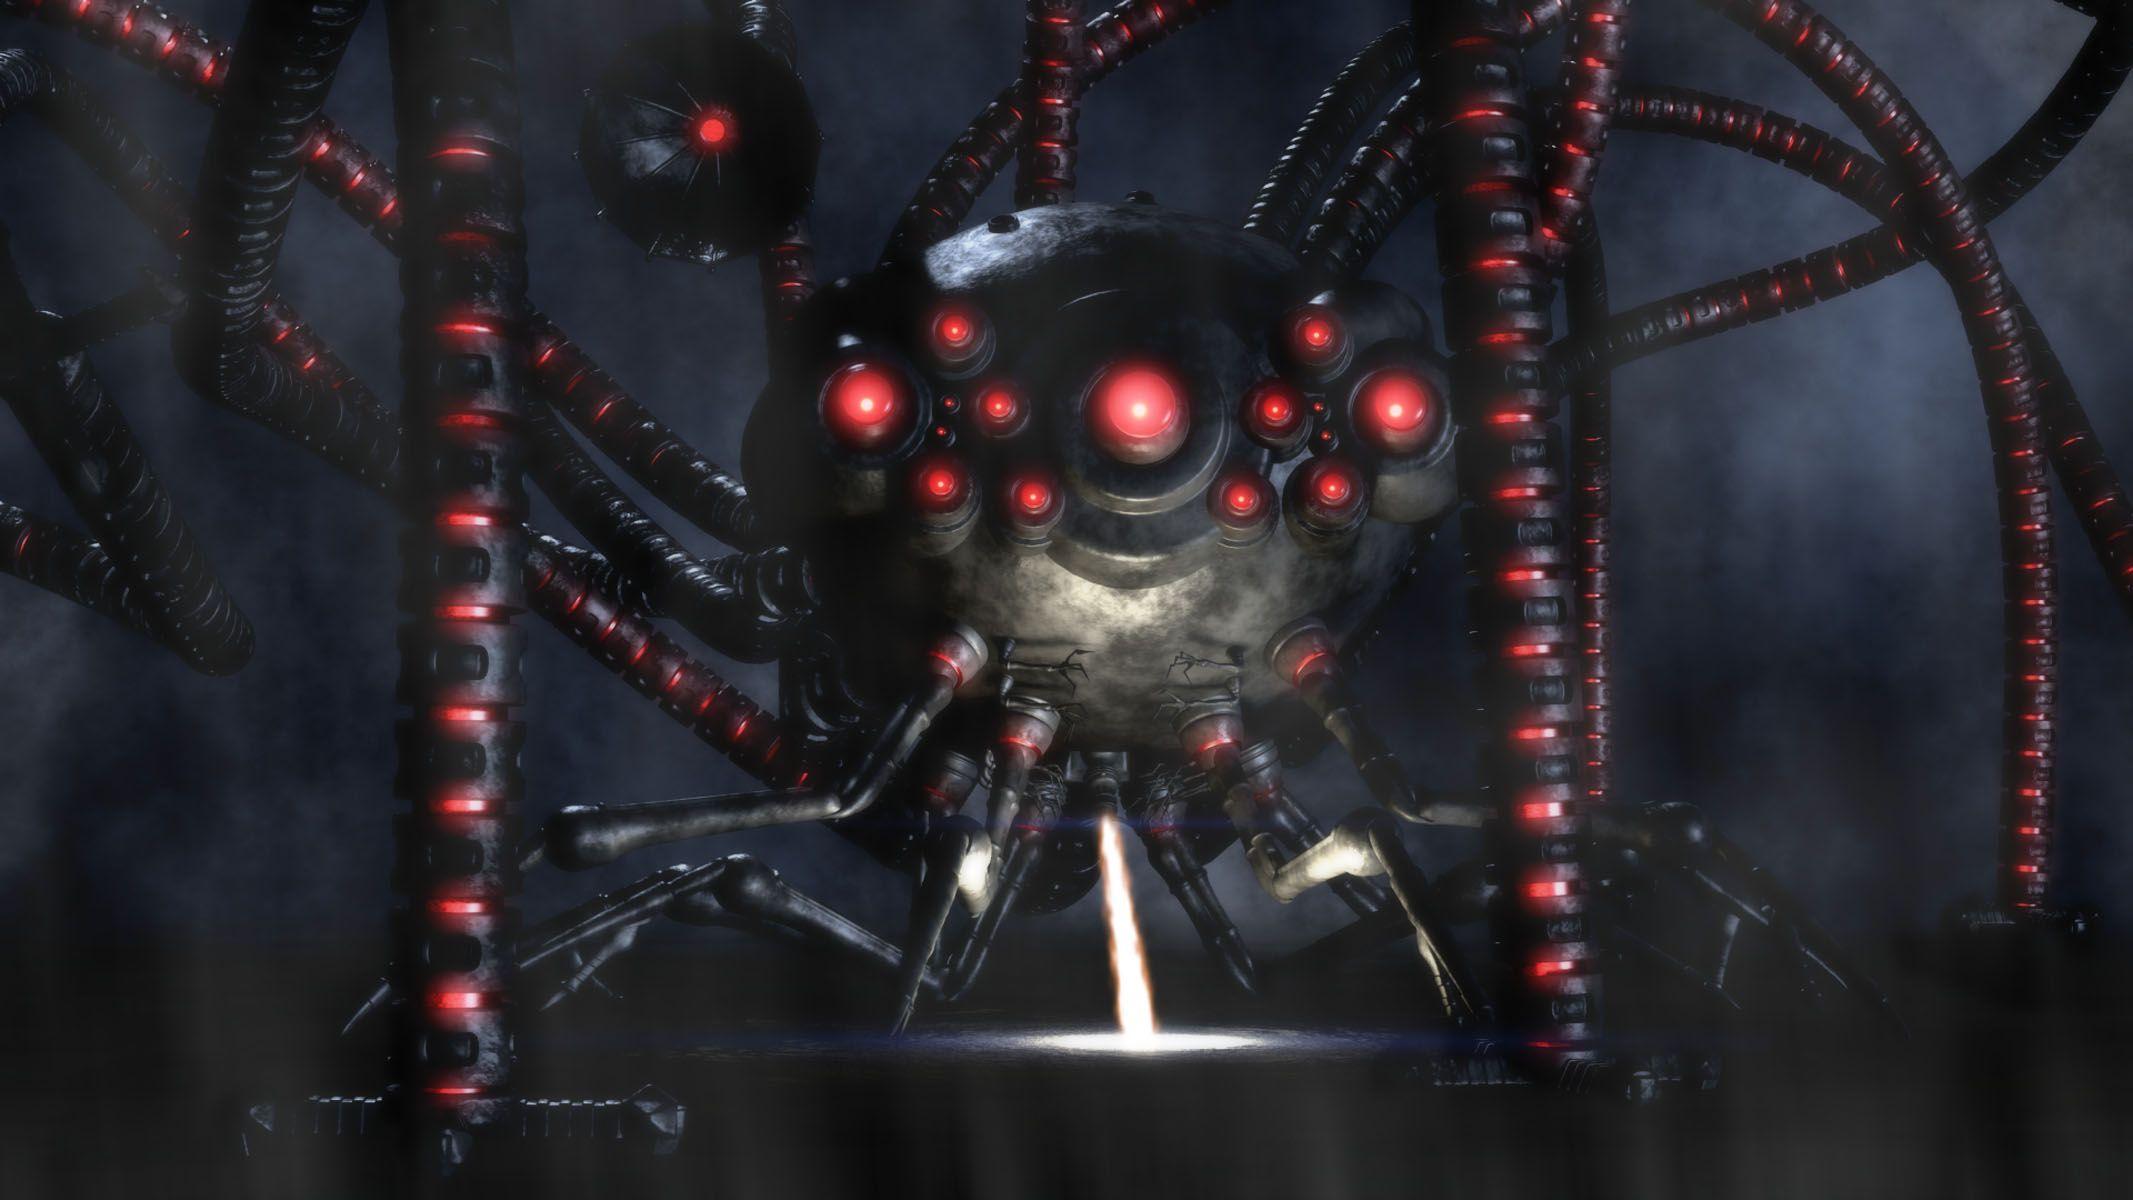 matrix-sentinel-squid-robot-octopus6 - Monsters Vault